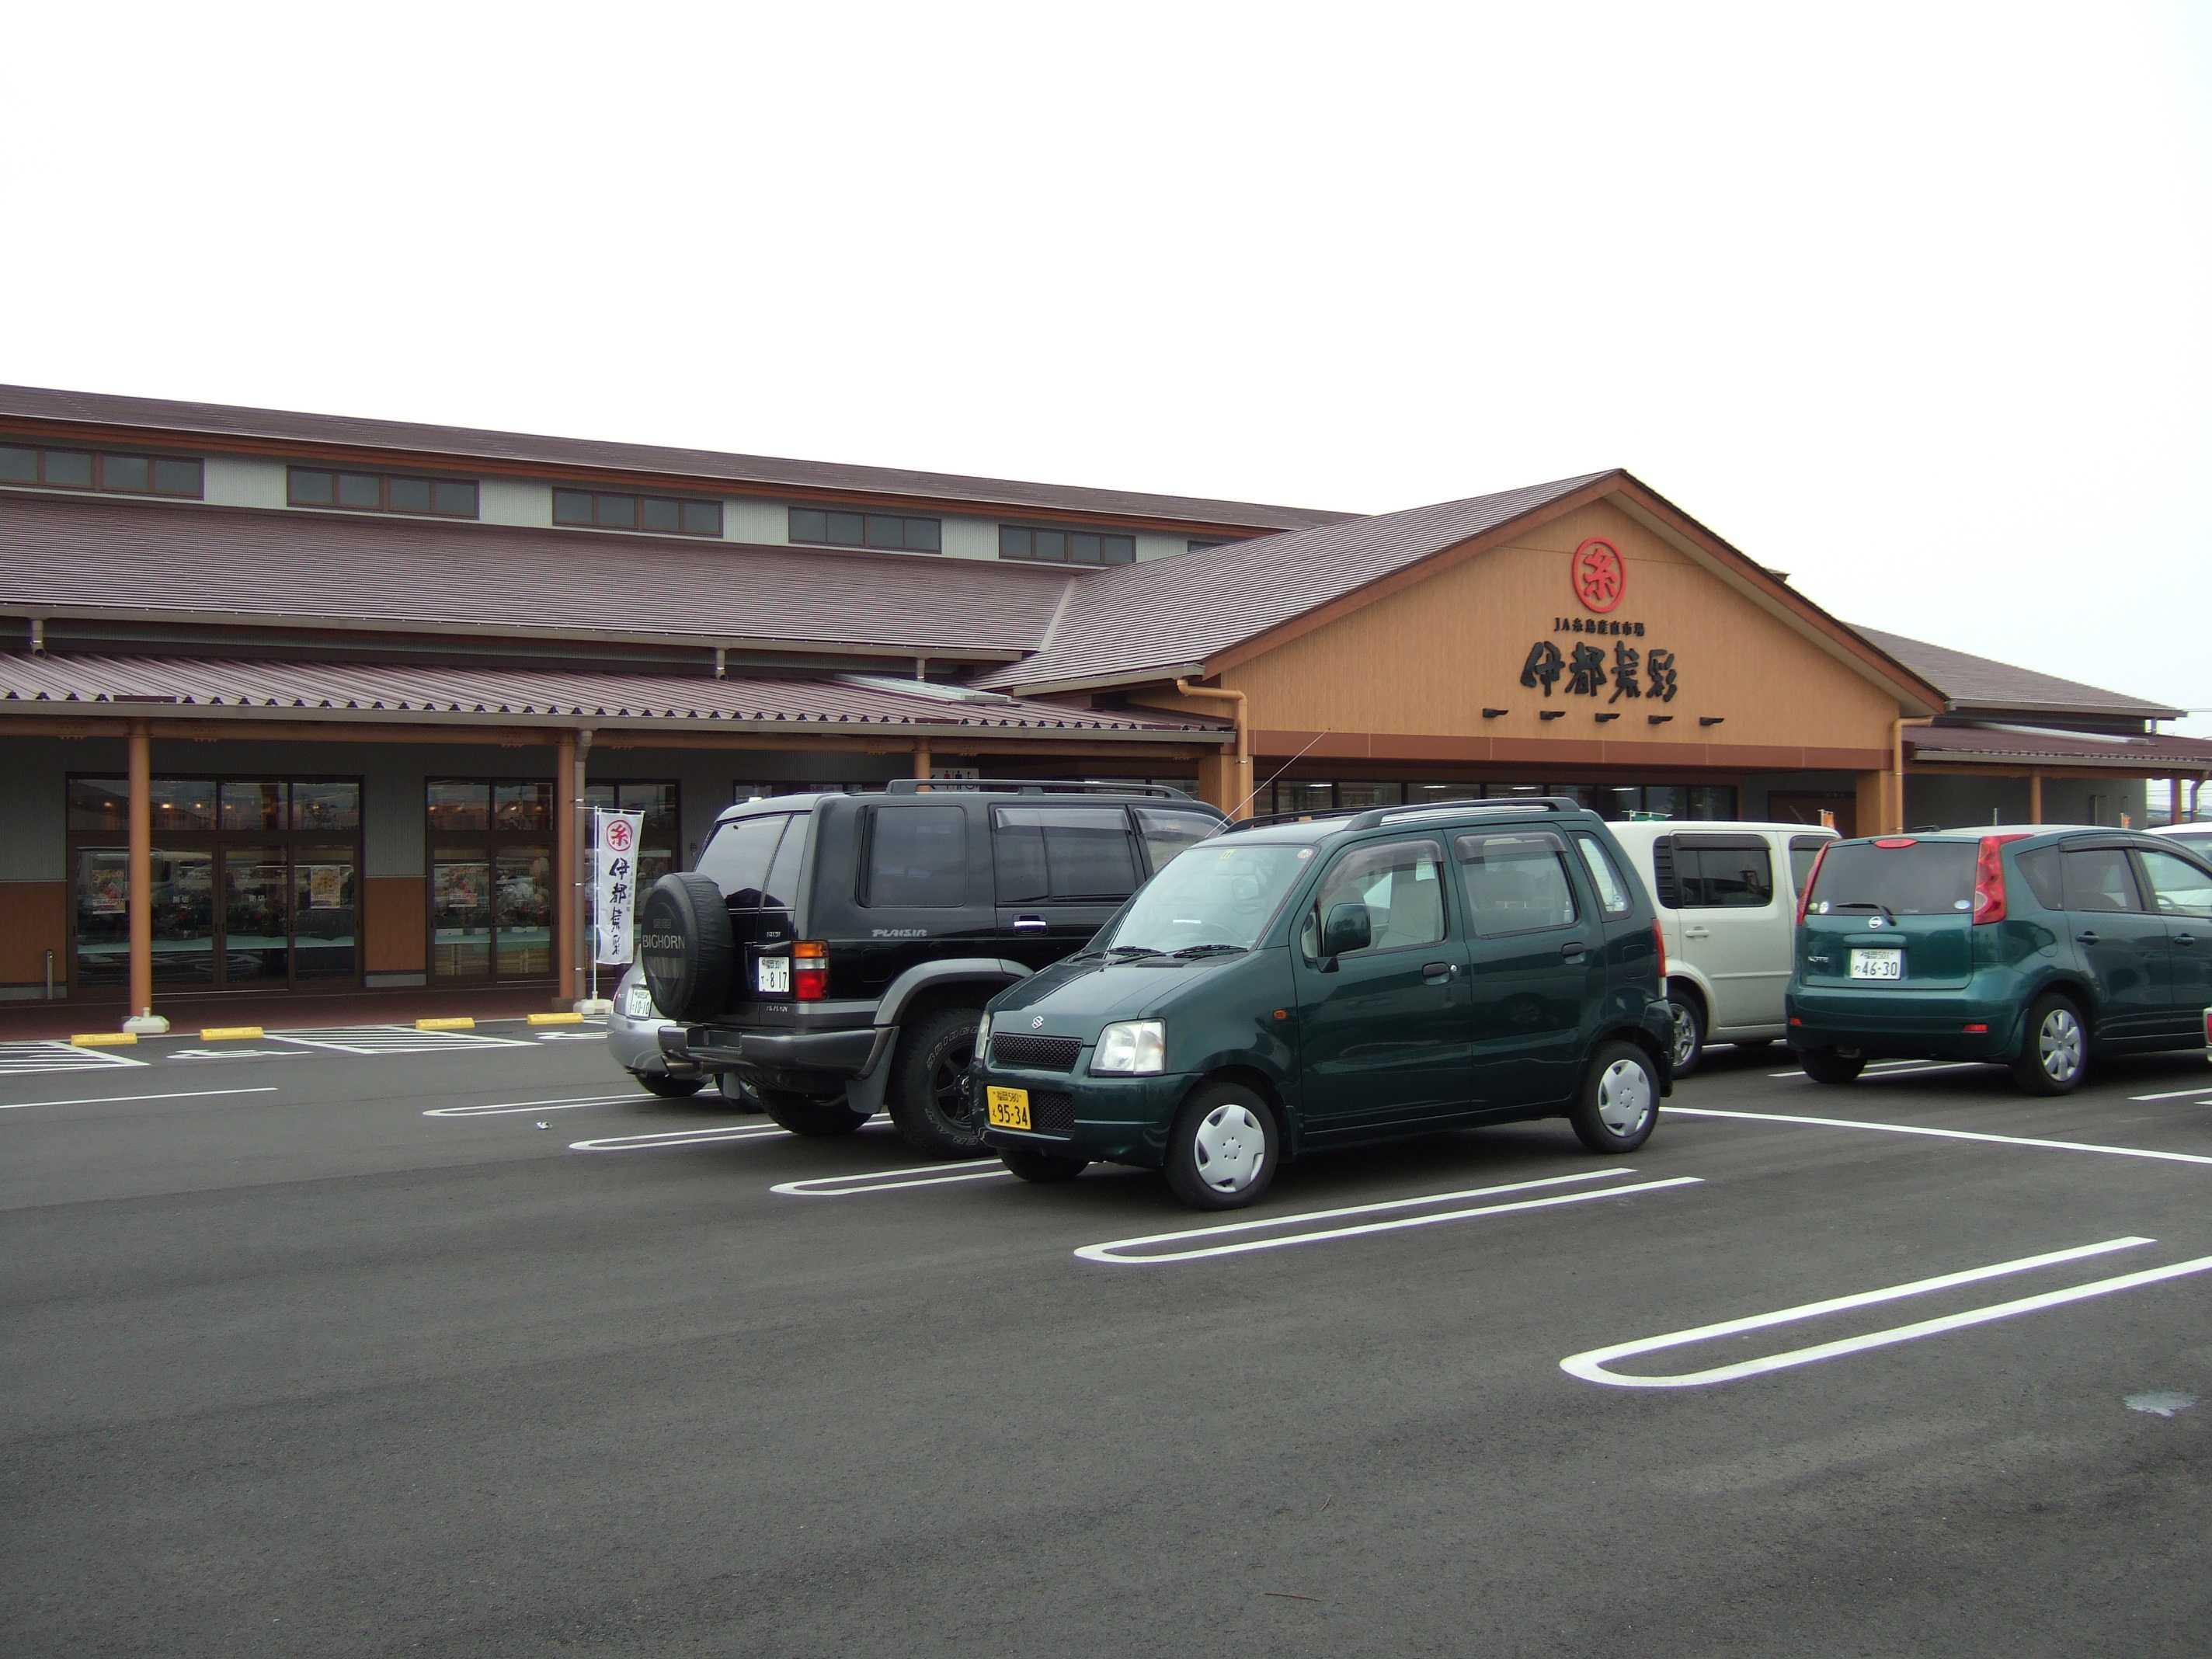 普及畜産チャンネル : 雷山イデア牧場の直売所がプレオープン ...